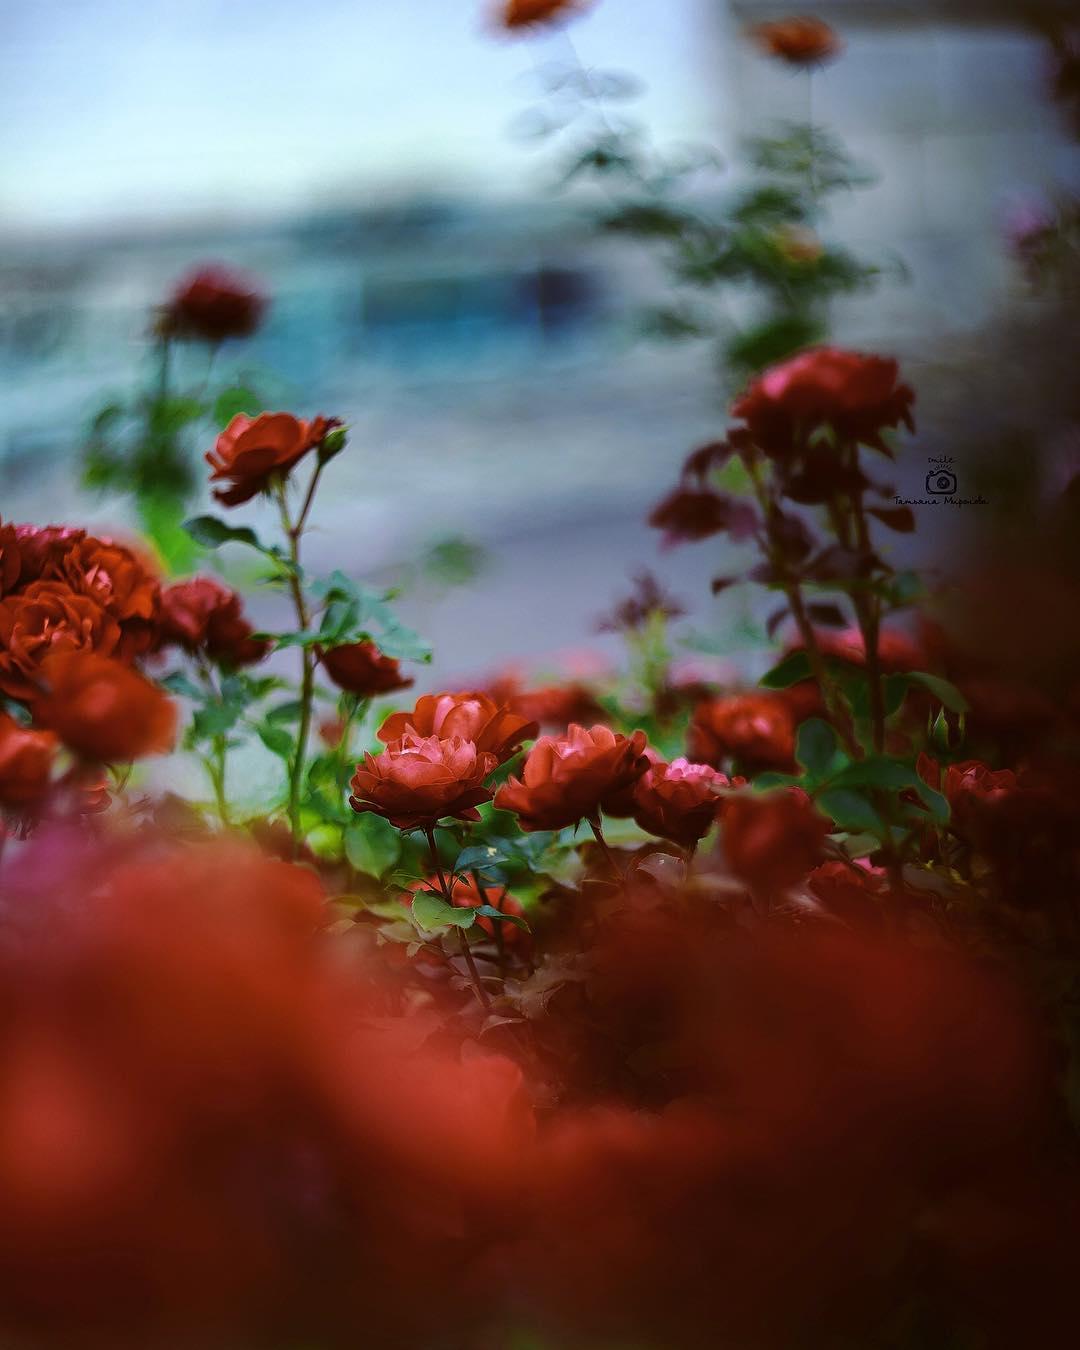 Красивые фотографии цветов от Татьяны Мироновой